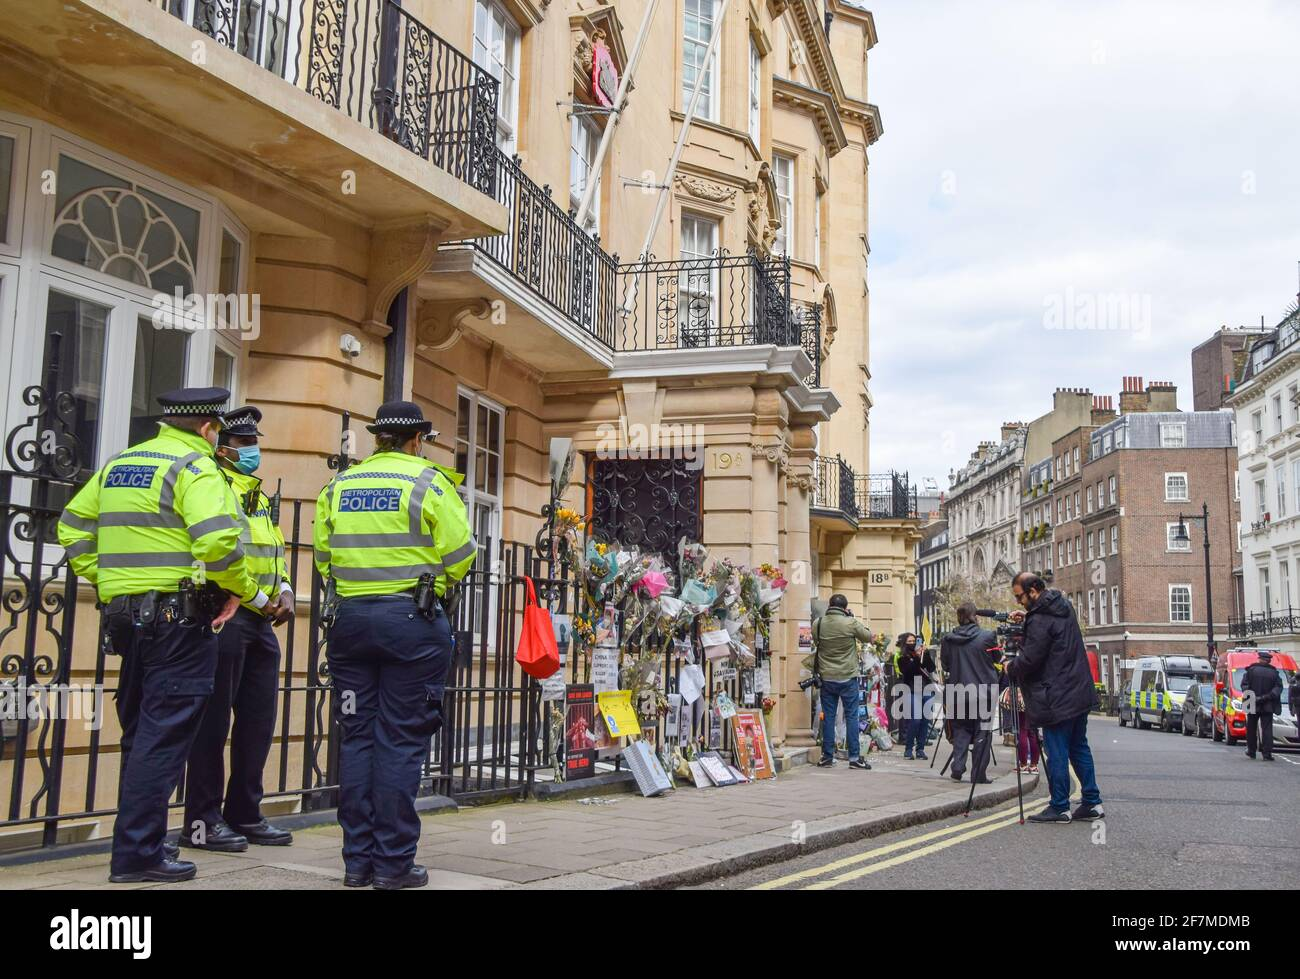 Londres, Royaume-Uni. 08 avril 2021. La police garde devant l'ambassade du Myanmar à Londres.l'ambassadeur du Myanmar au Royaume-Uni, Kyaw Zwar Minn, a été enfermé hors de l'ambassade à Mayfair, qu'il a décrit comme un « coup d'État ». (Photo de Vuk Valcic/SOPA Images/Sipa USA) crédit: SIPA USA/Alay Live News Banque D'Images